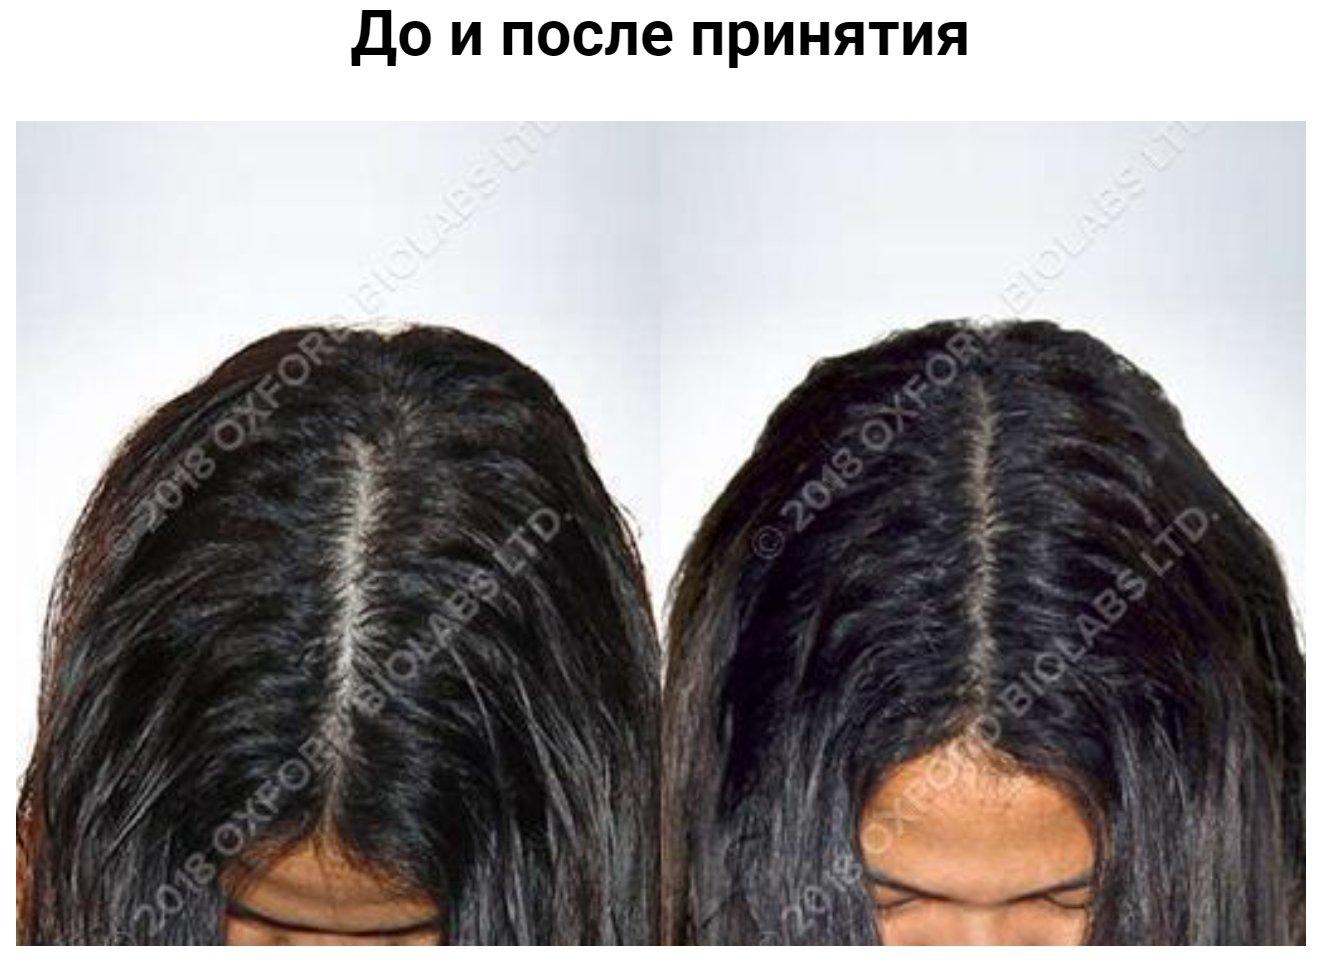 Женщина, 23 года Людвиг: 1 - 3. Выпадение волос у женщины с диффузным истончением. Лечение: витамины TRX2® - 18 месяцев.